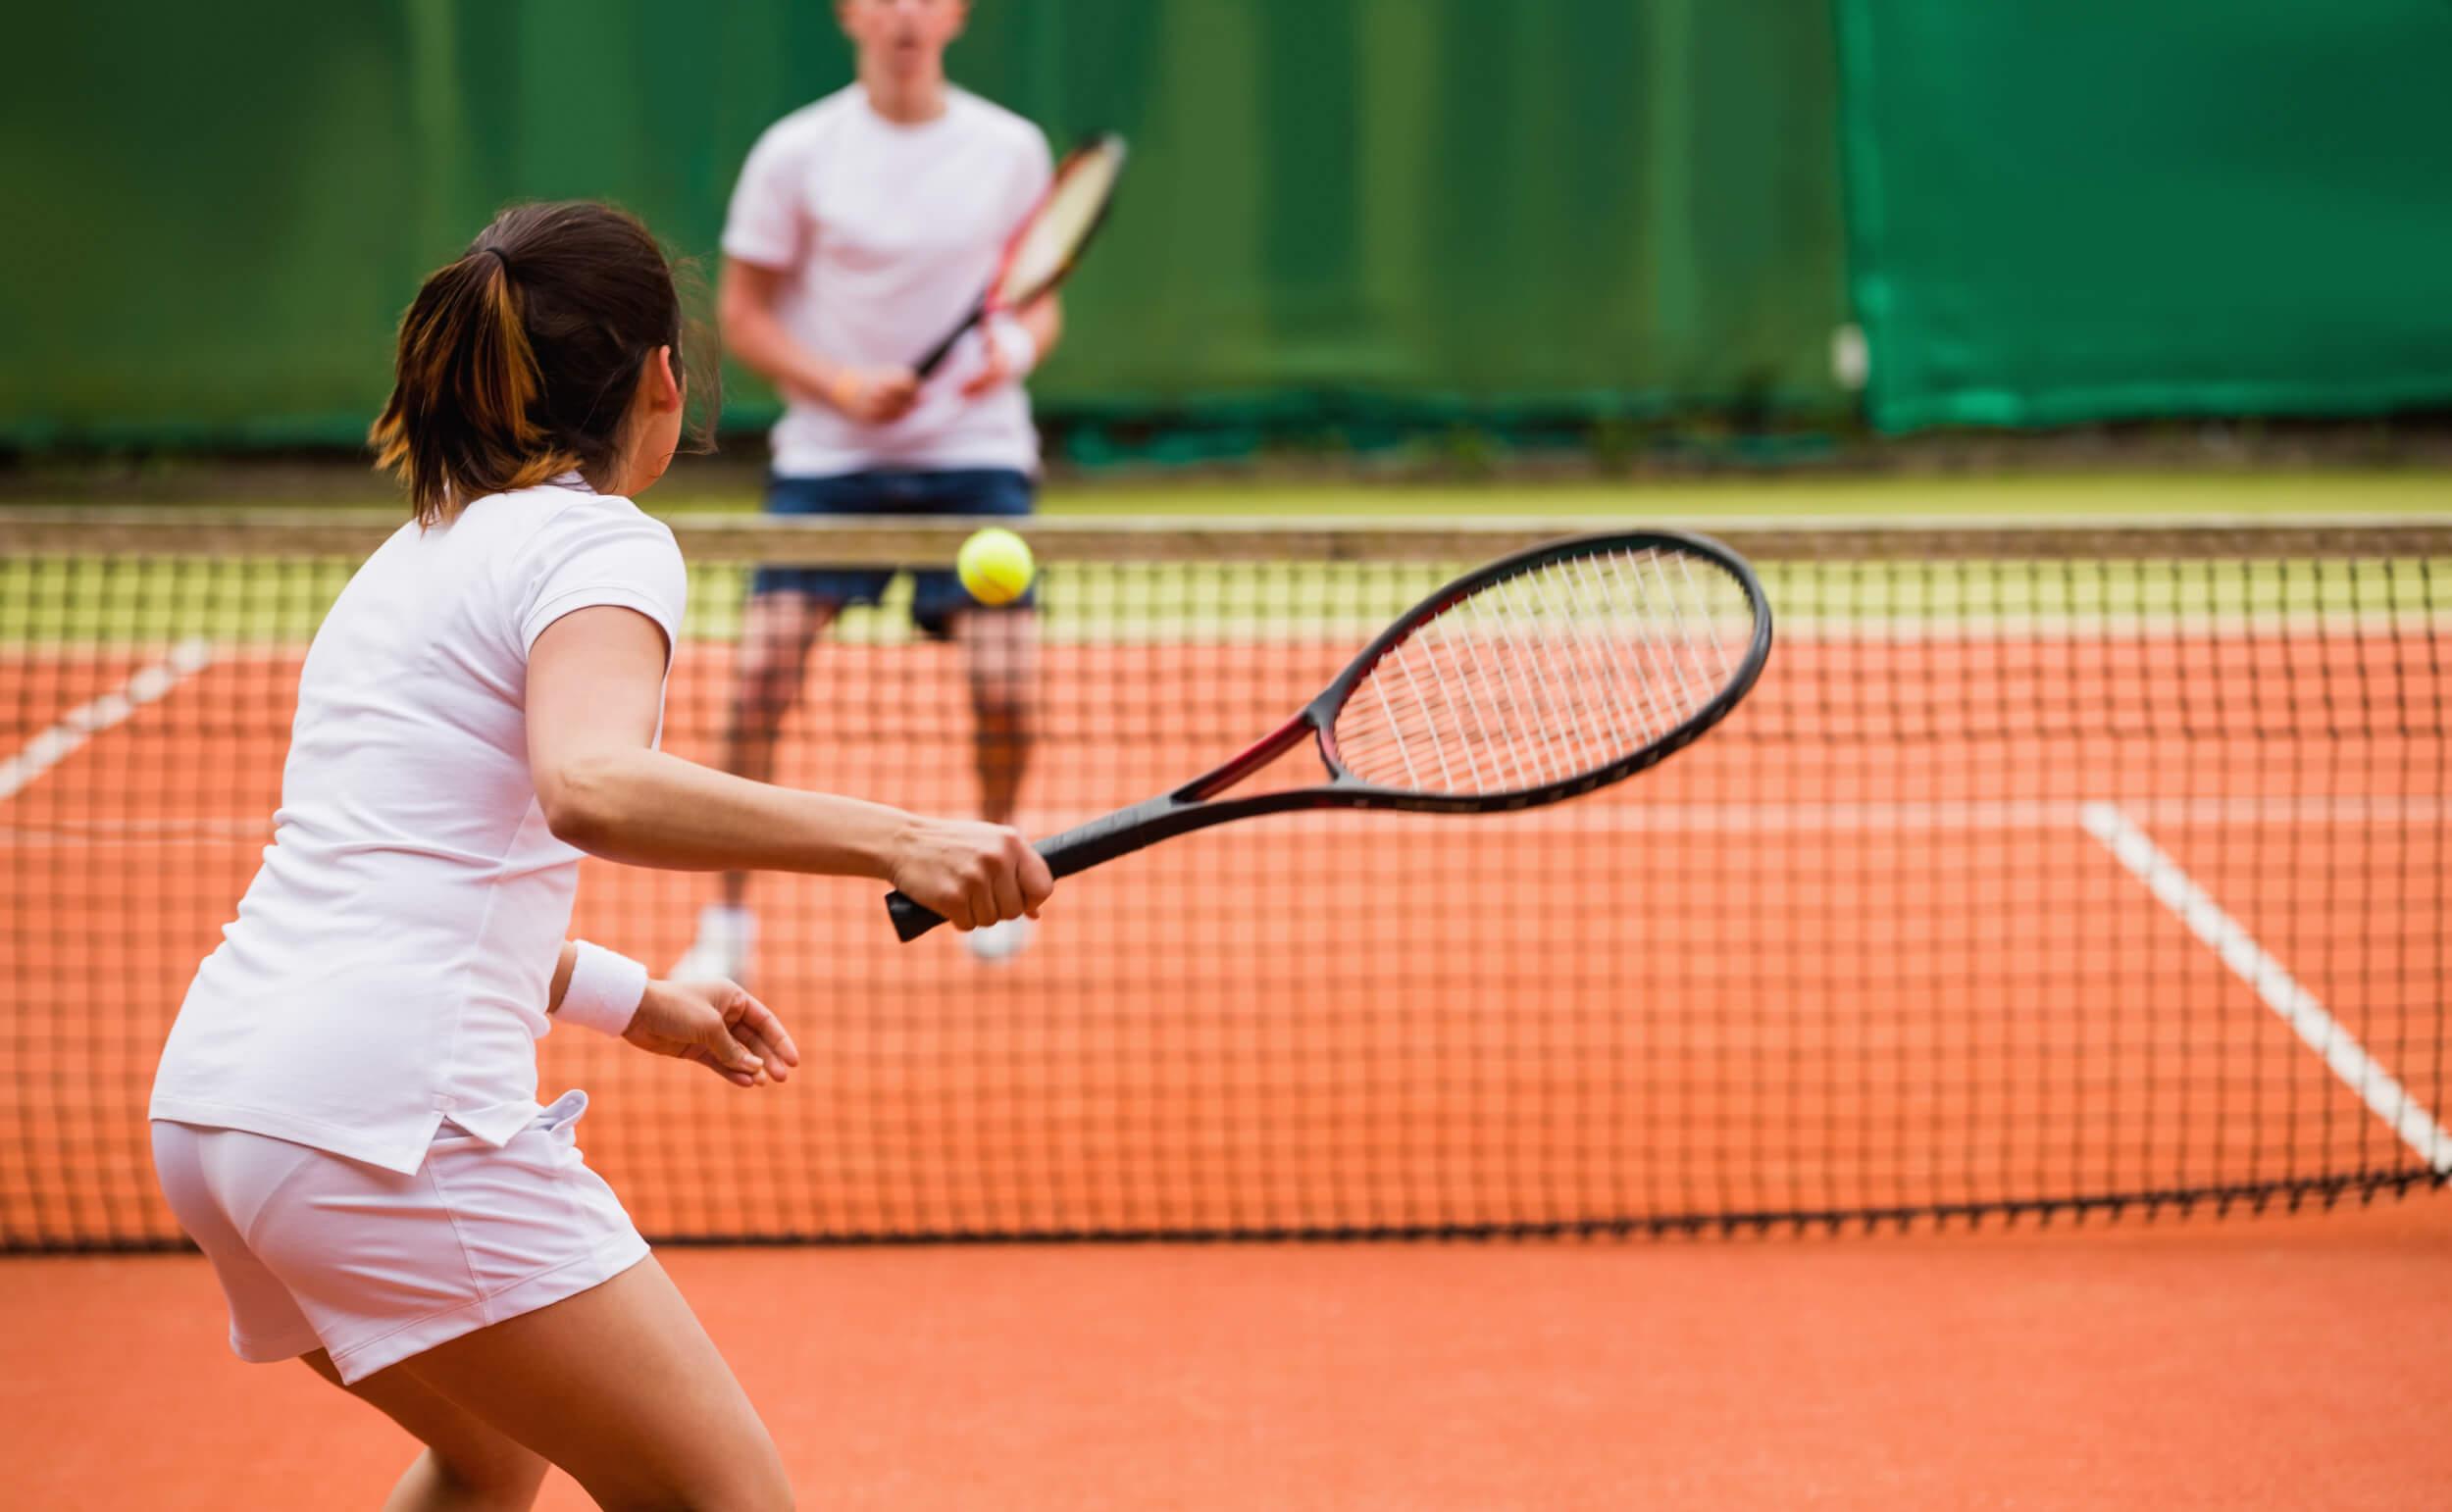 【論文紹介】スタティック or ダイナミックストレッチングを組み込んだウォームアップルーティーンがエリートジュニアテニスプレイヤーの競技特異的パフォーマンスに与える影響